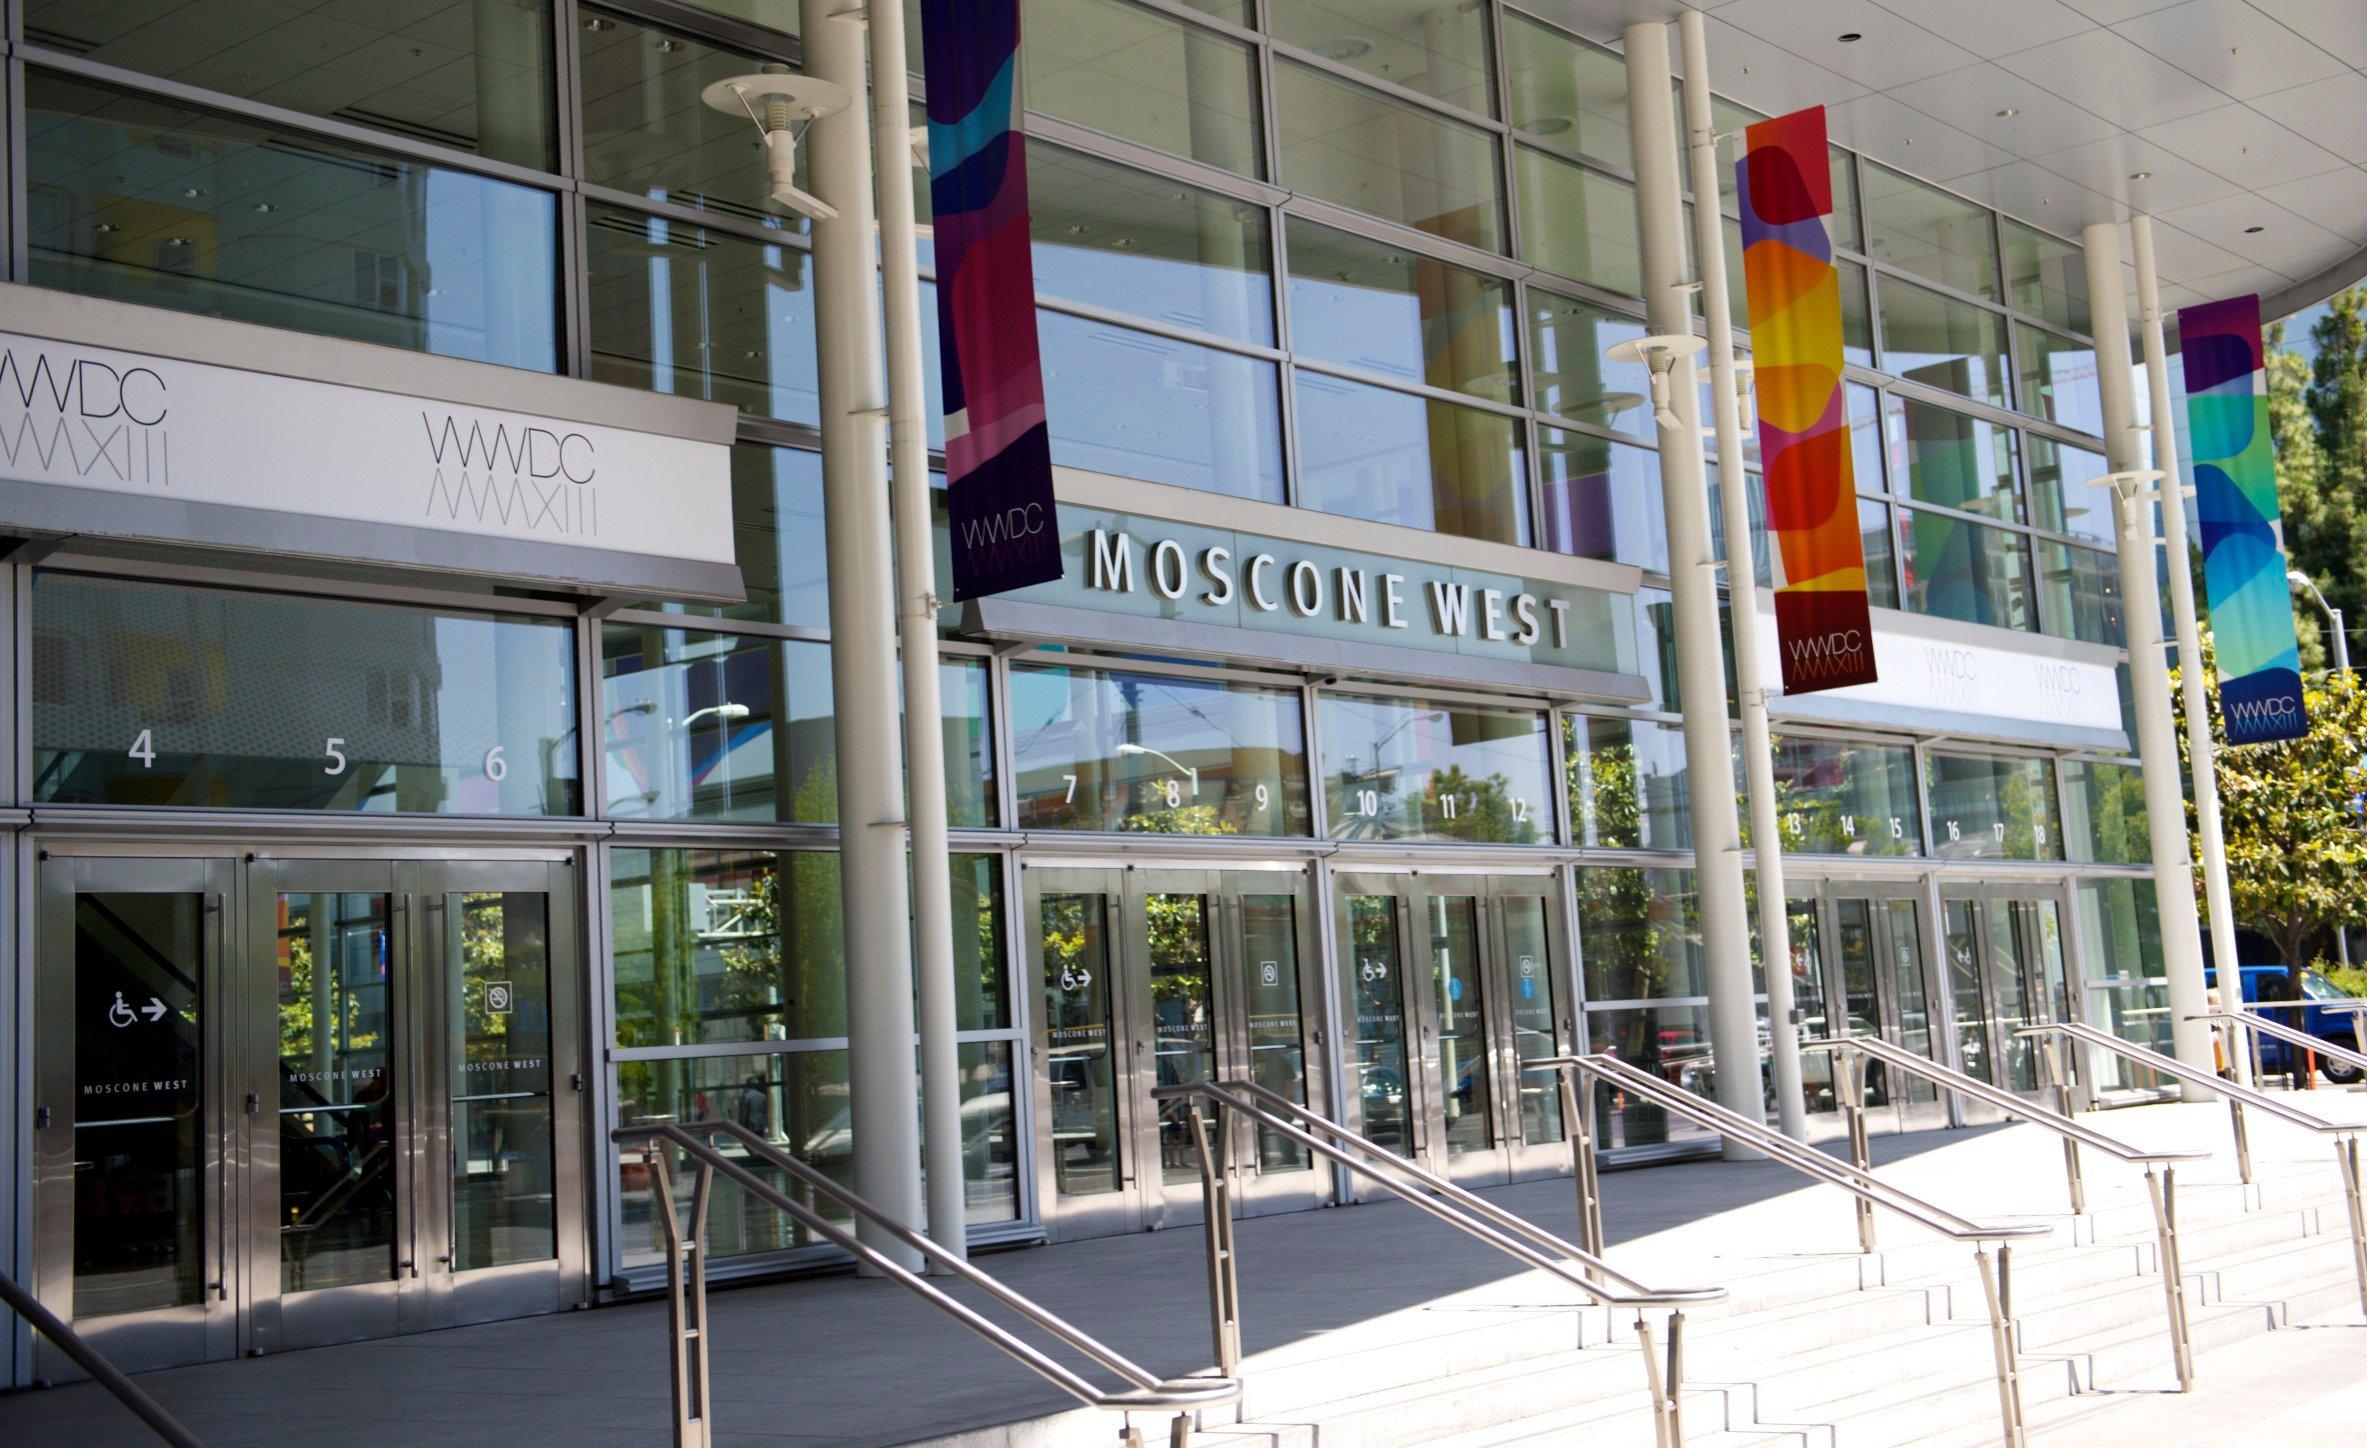 Apple förbereder Moscone -centret för WWDC 2013 för att prata om IOS 7 och OS X.